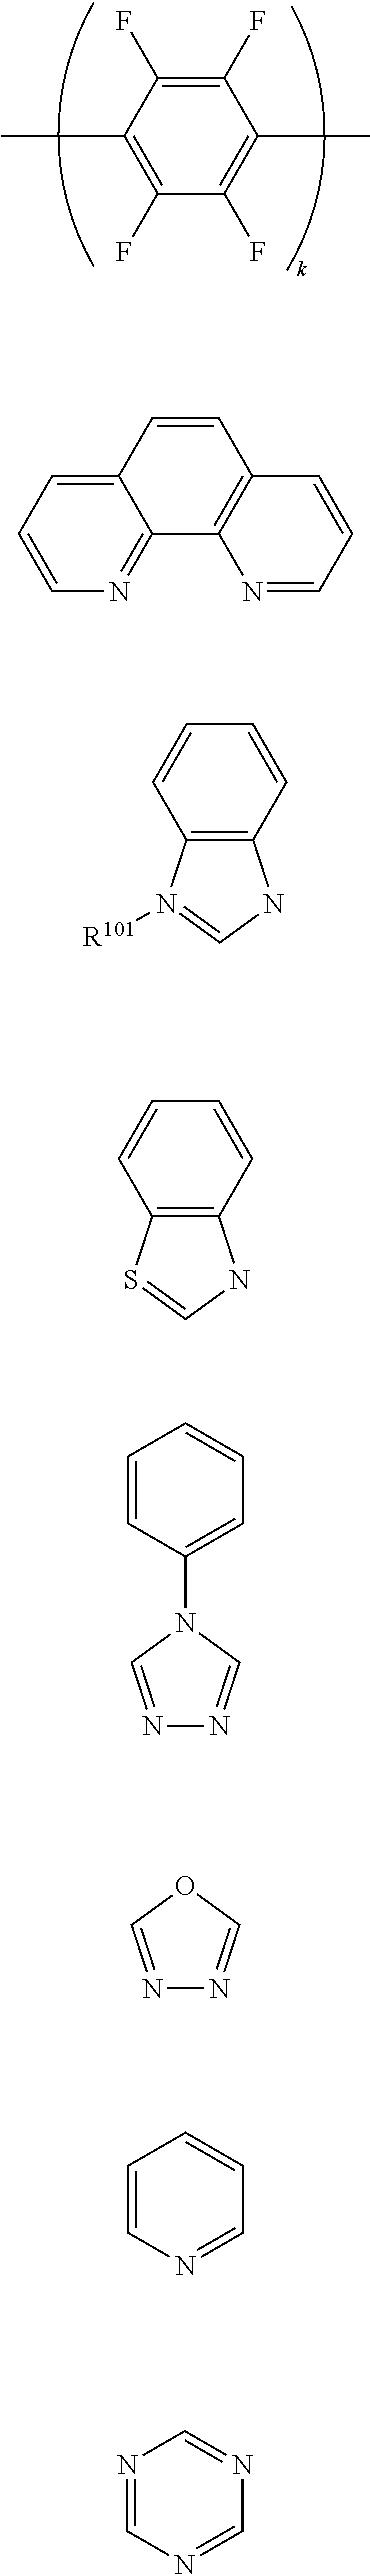 Figure US09711730-20170718-C00061